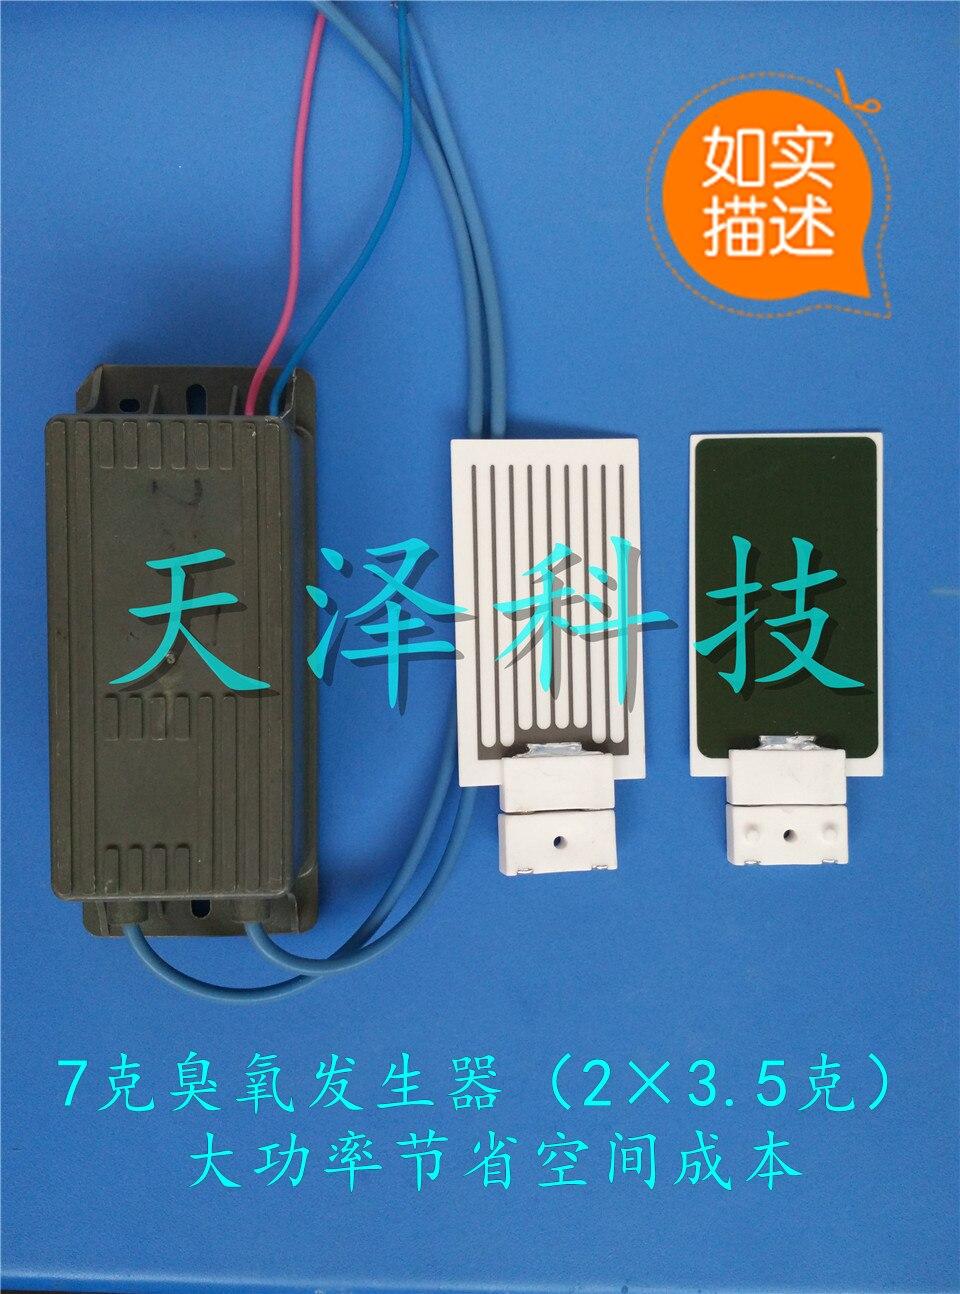 220V 7 g g/h ozone generator ozone power 3.5g +2 ozone generator parts